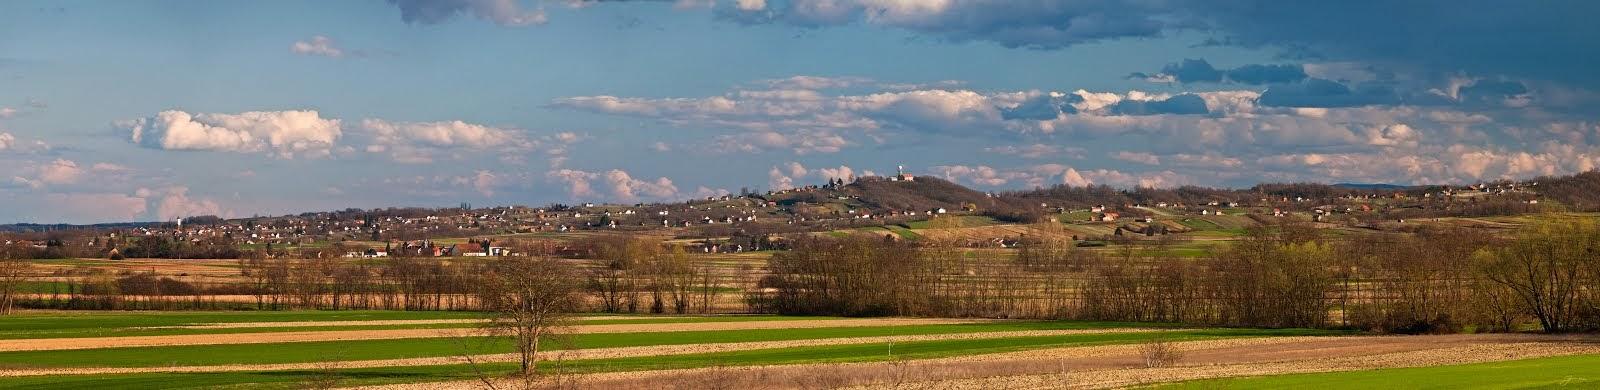 Panorama Mala Črešnjevica - Turnašica